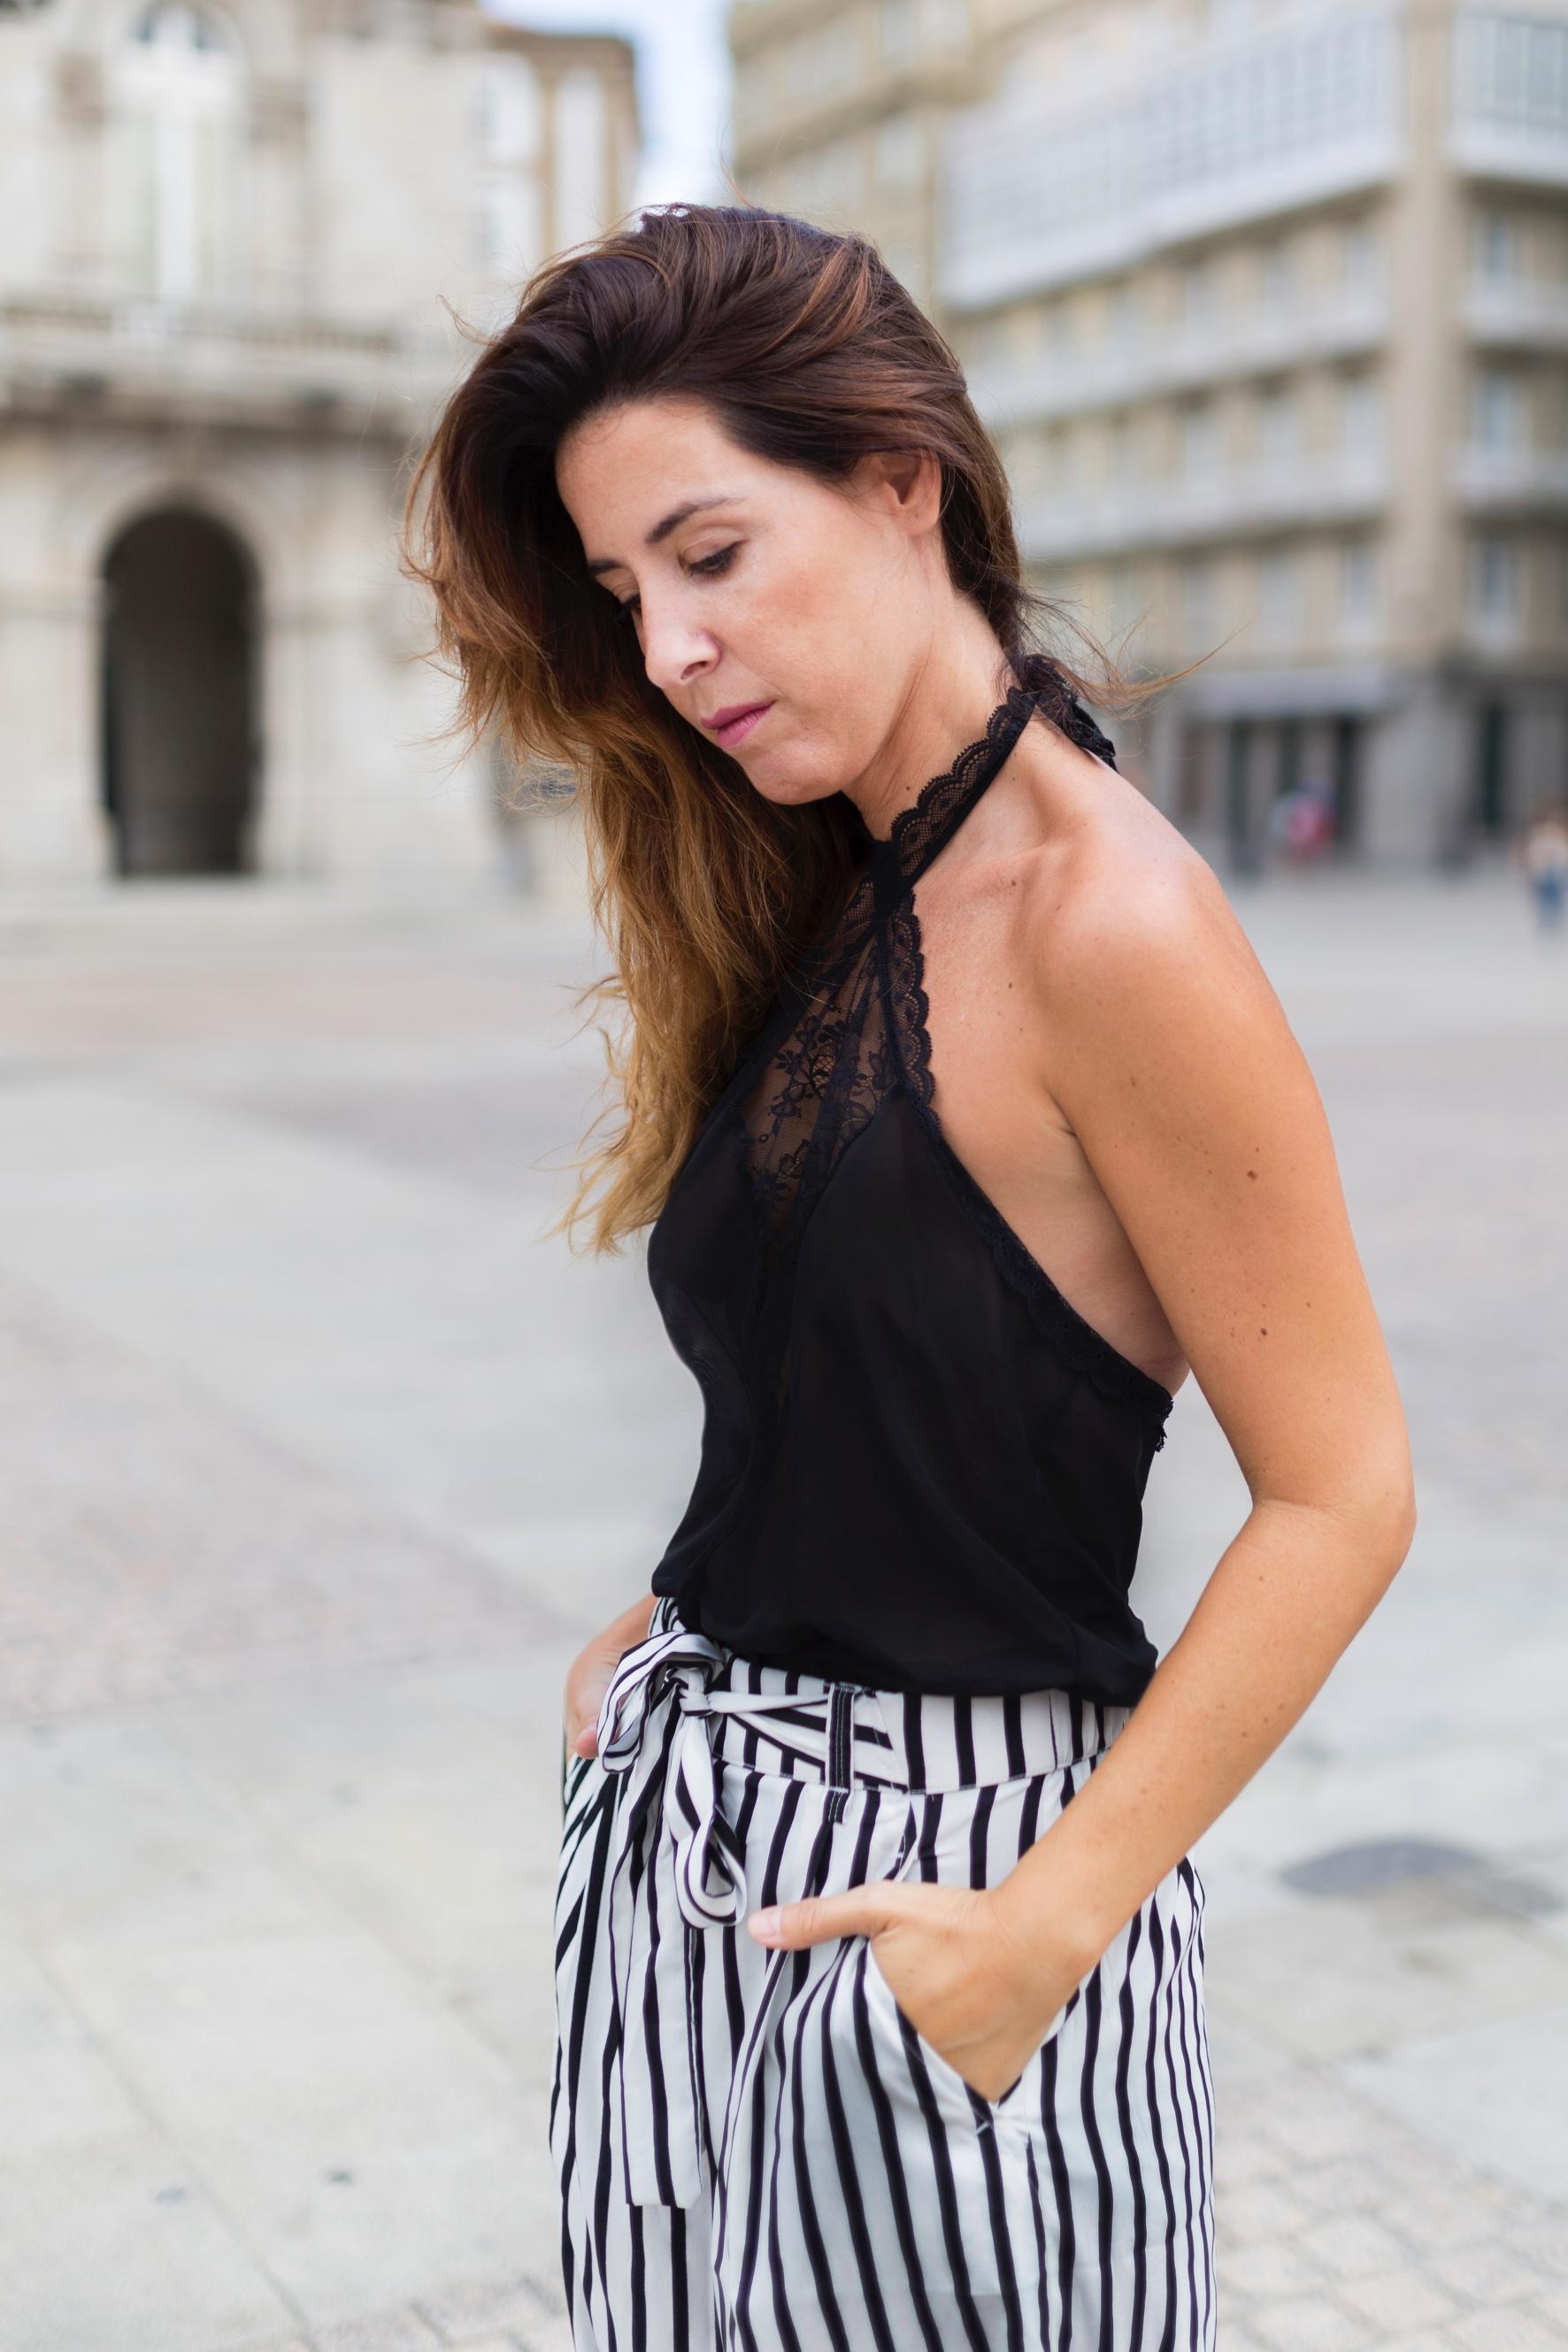 blogger-descalzaporelparque-volver a la rutina- Passionata- lencería- mono lencero- streetstyle- coruña- Céline bag- blogger-passionatagirls